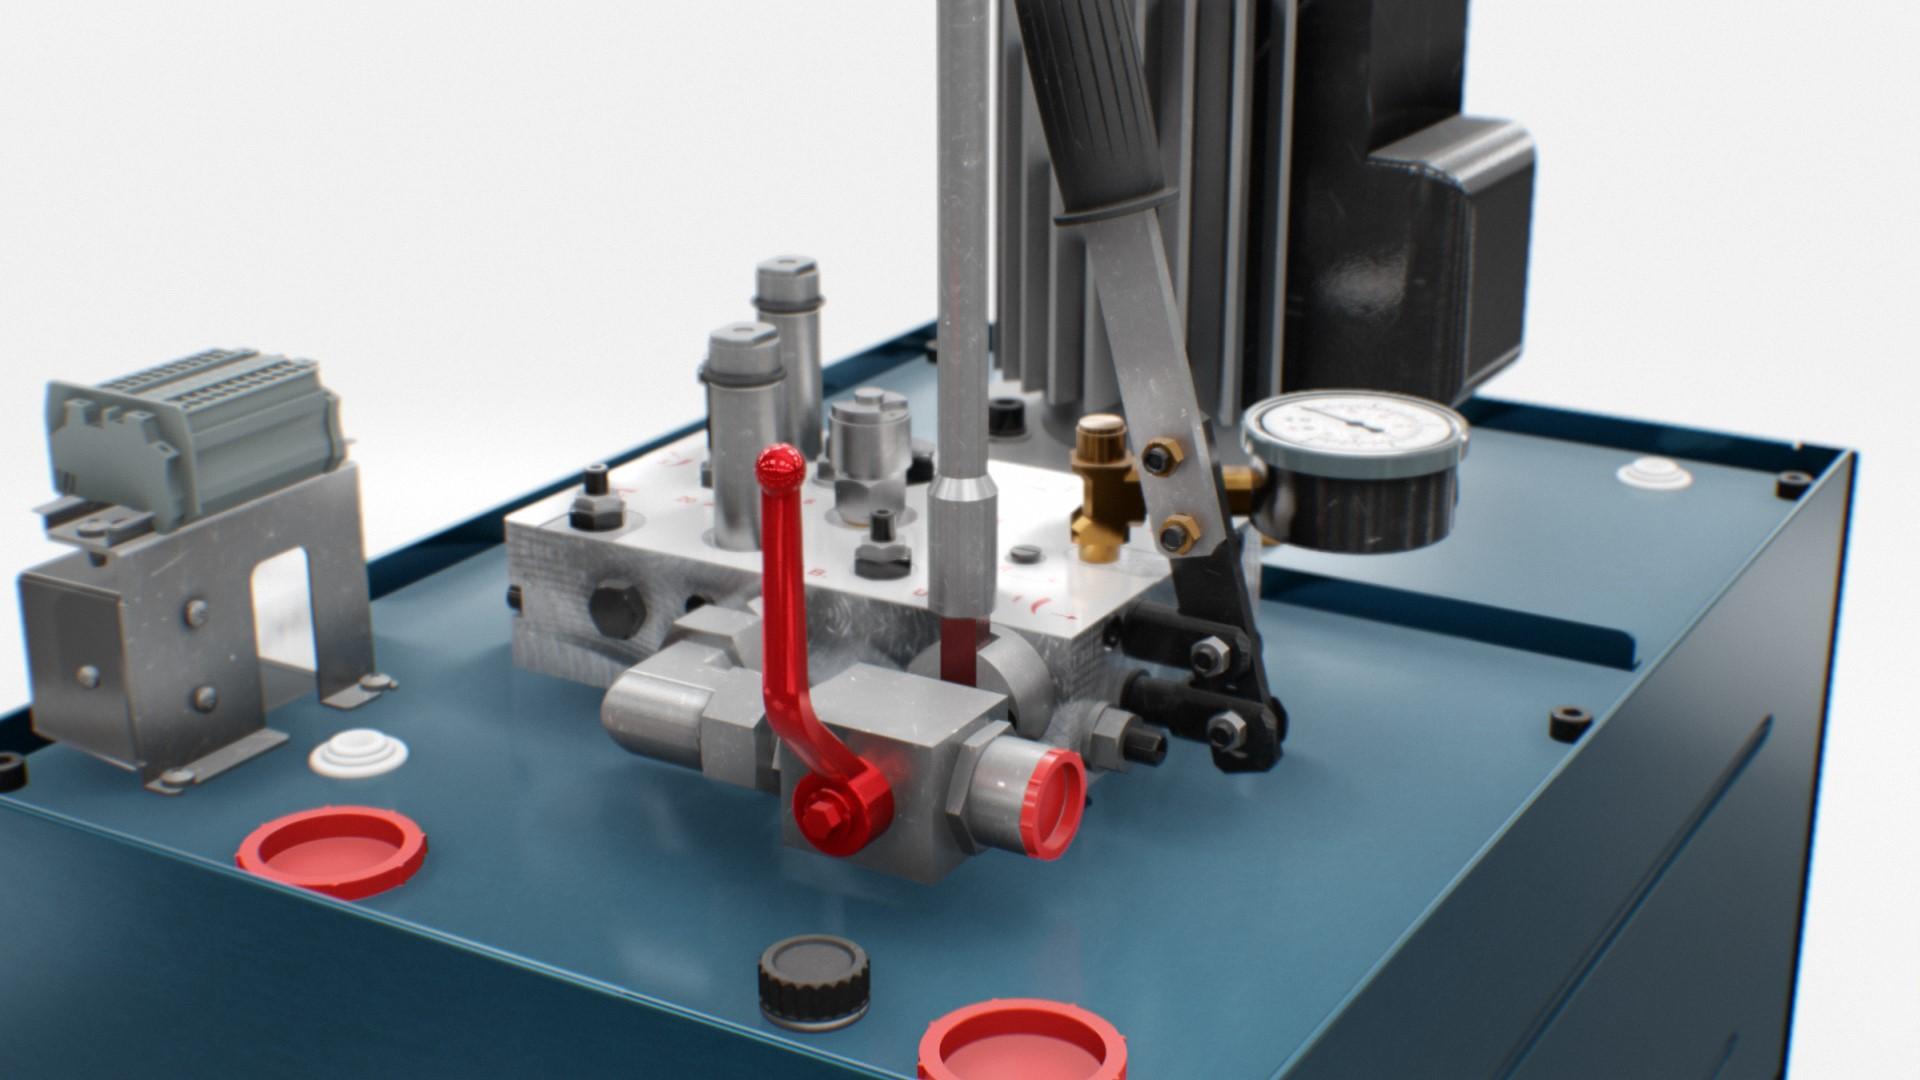 HL-420 - Hydraulic unit